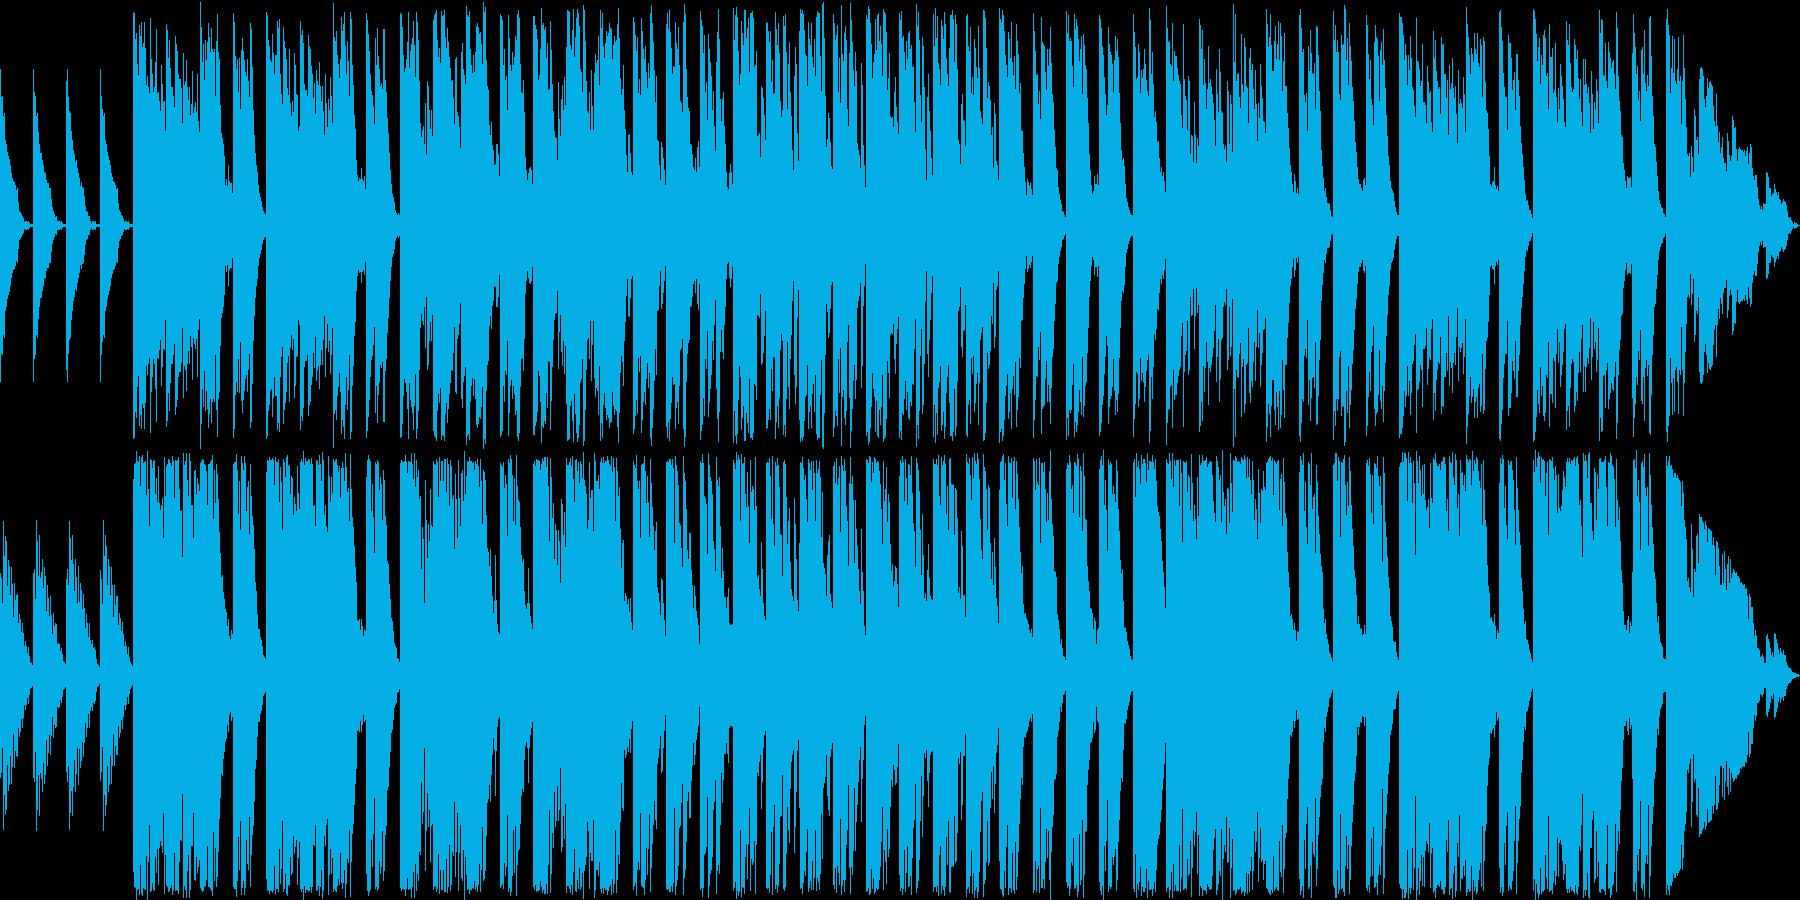 ベルを使った幻想的な曲の再生済みの波形